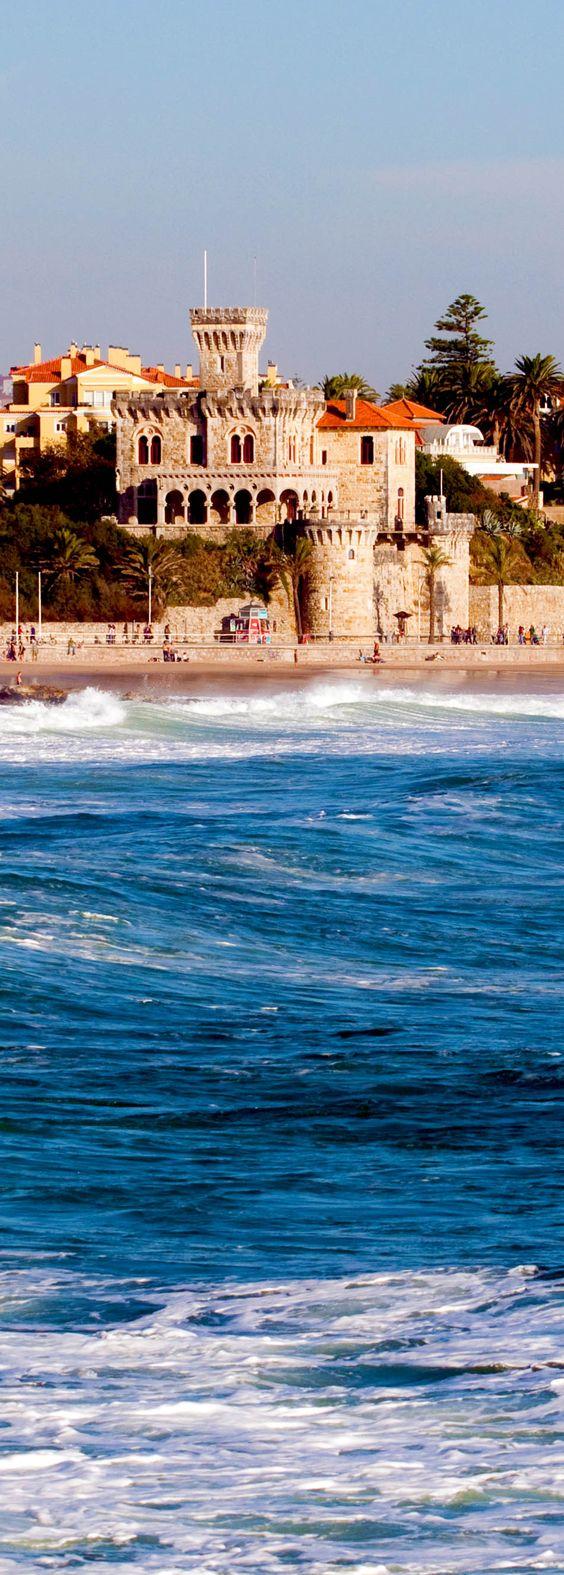 Vista incrível da Costa do Estoril, Portugal | 32 Lugares Stupendous em Portugal cada amante do curso deve visitar